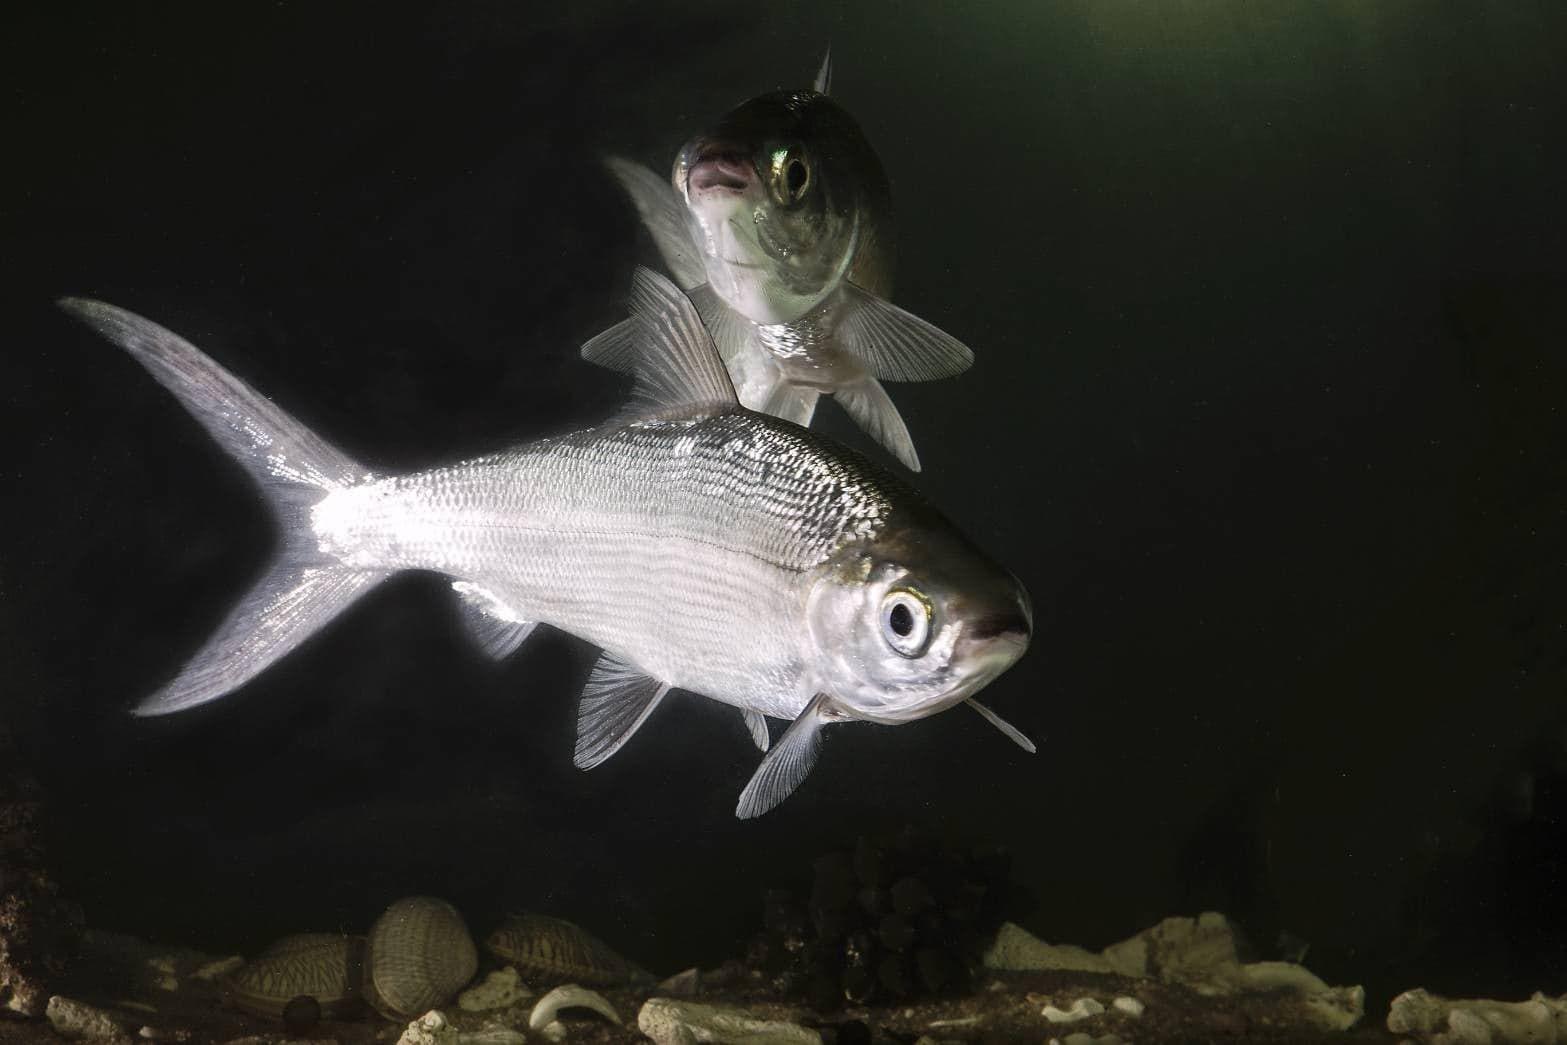 ปลานวลจ นทร น ำจ ด หร อ ปลานวลจ นทร Smallscale Mud Carp ปลาน ำจ ด ปลา